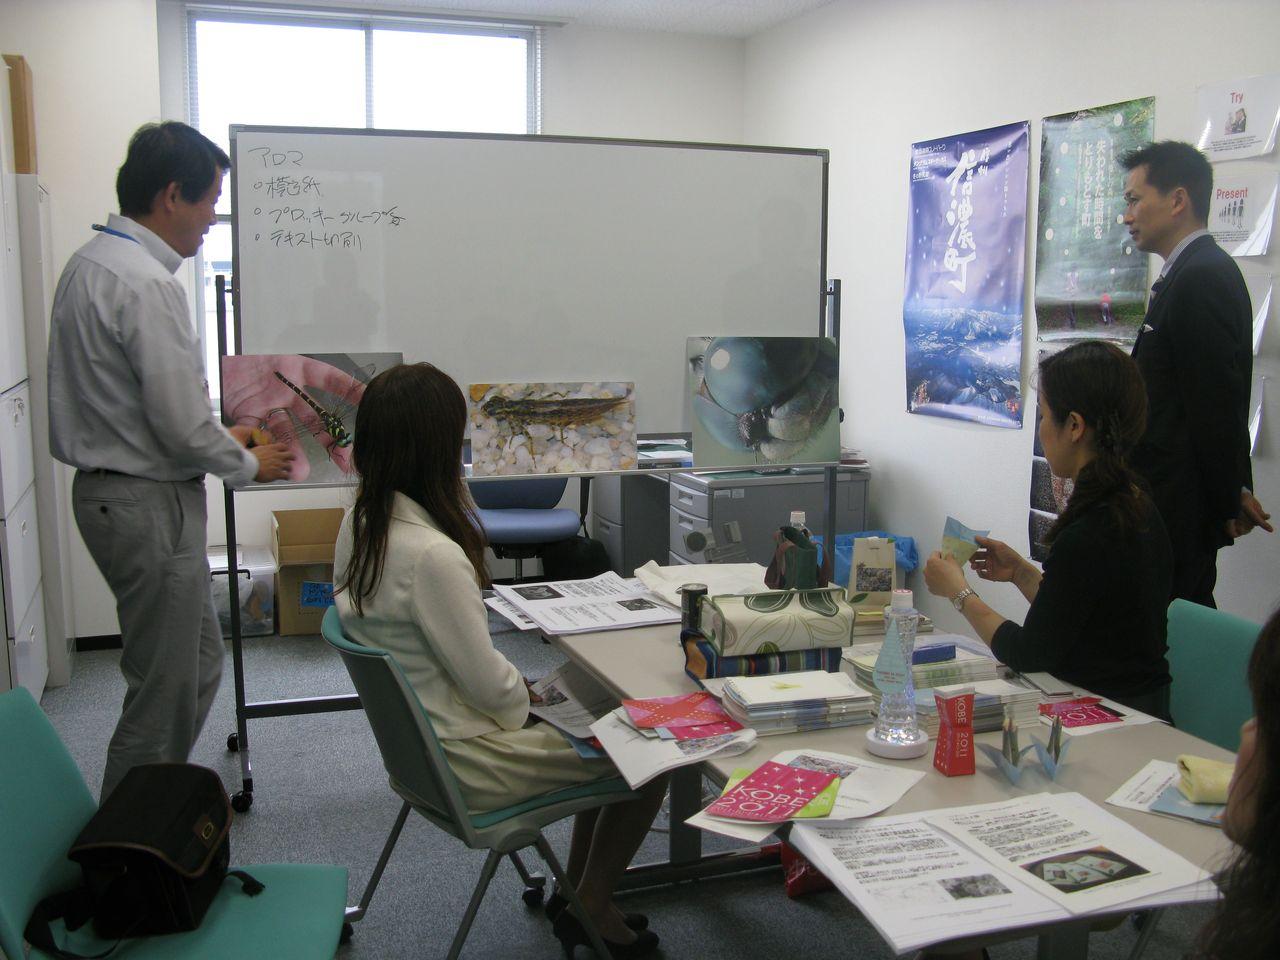 神戸夙川学院大学アロマテラピー講義・教授と事前打ち合わせ